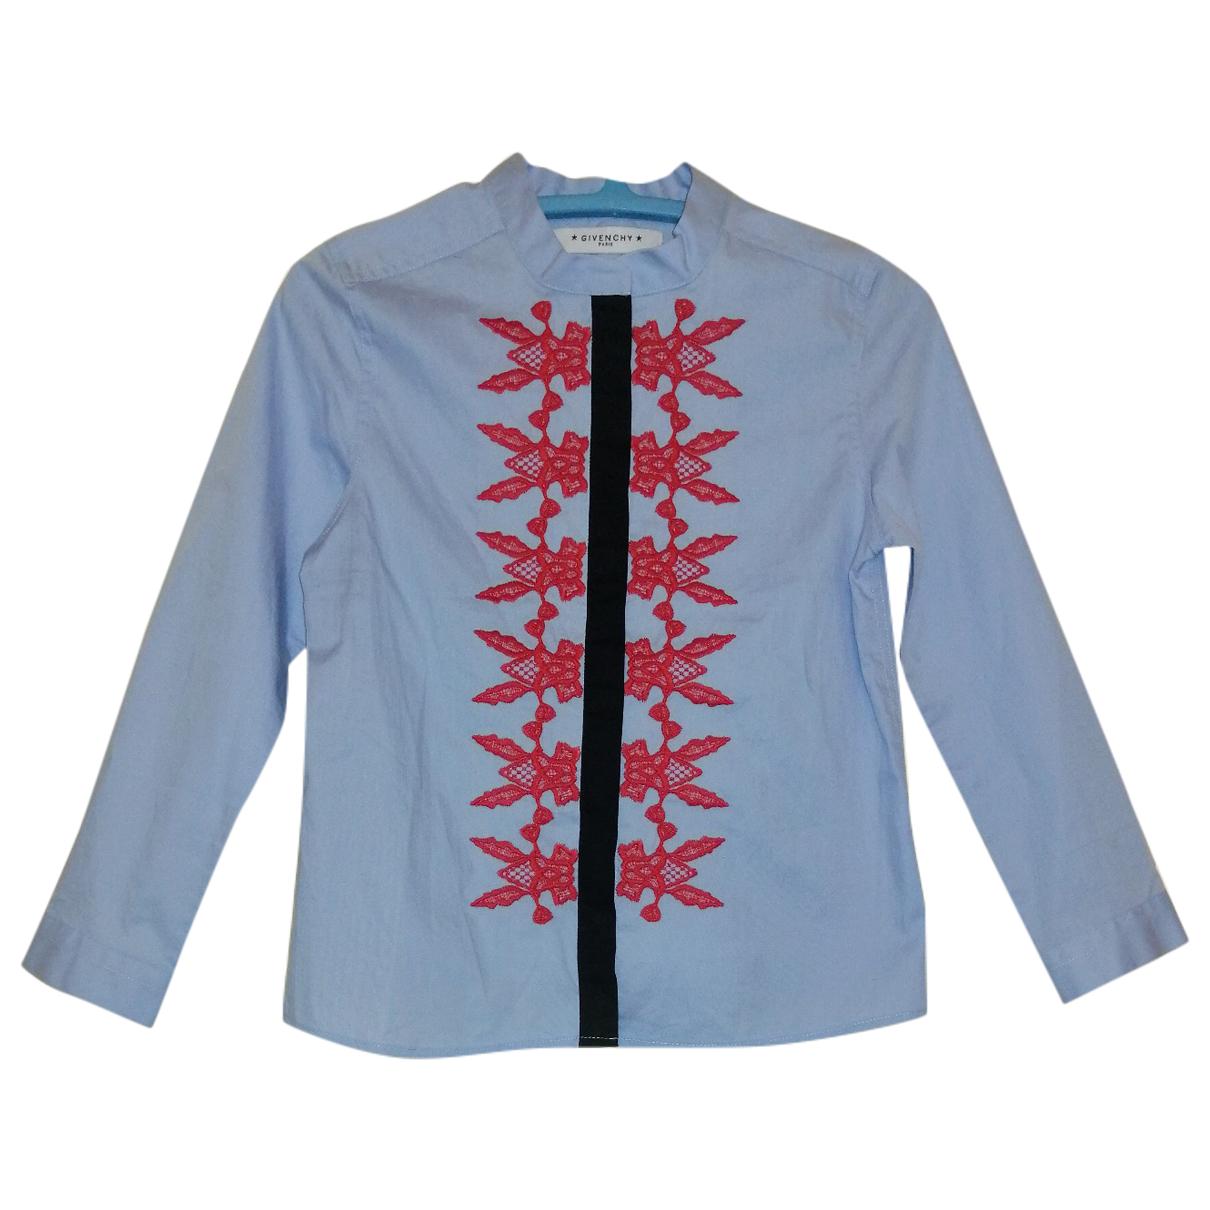 Givenchy - Top   pour enfant en coton - bleu